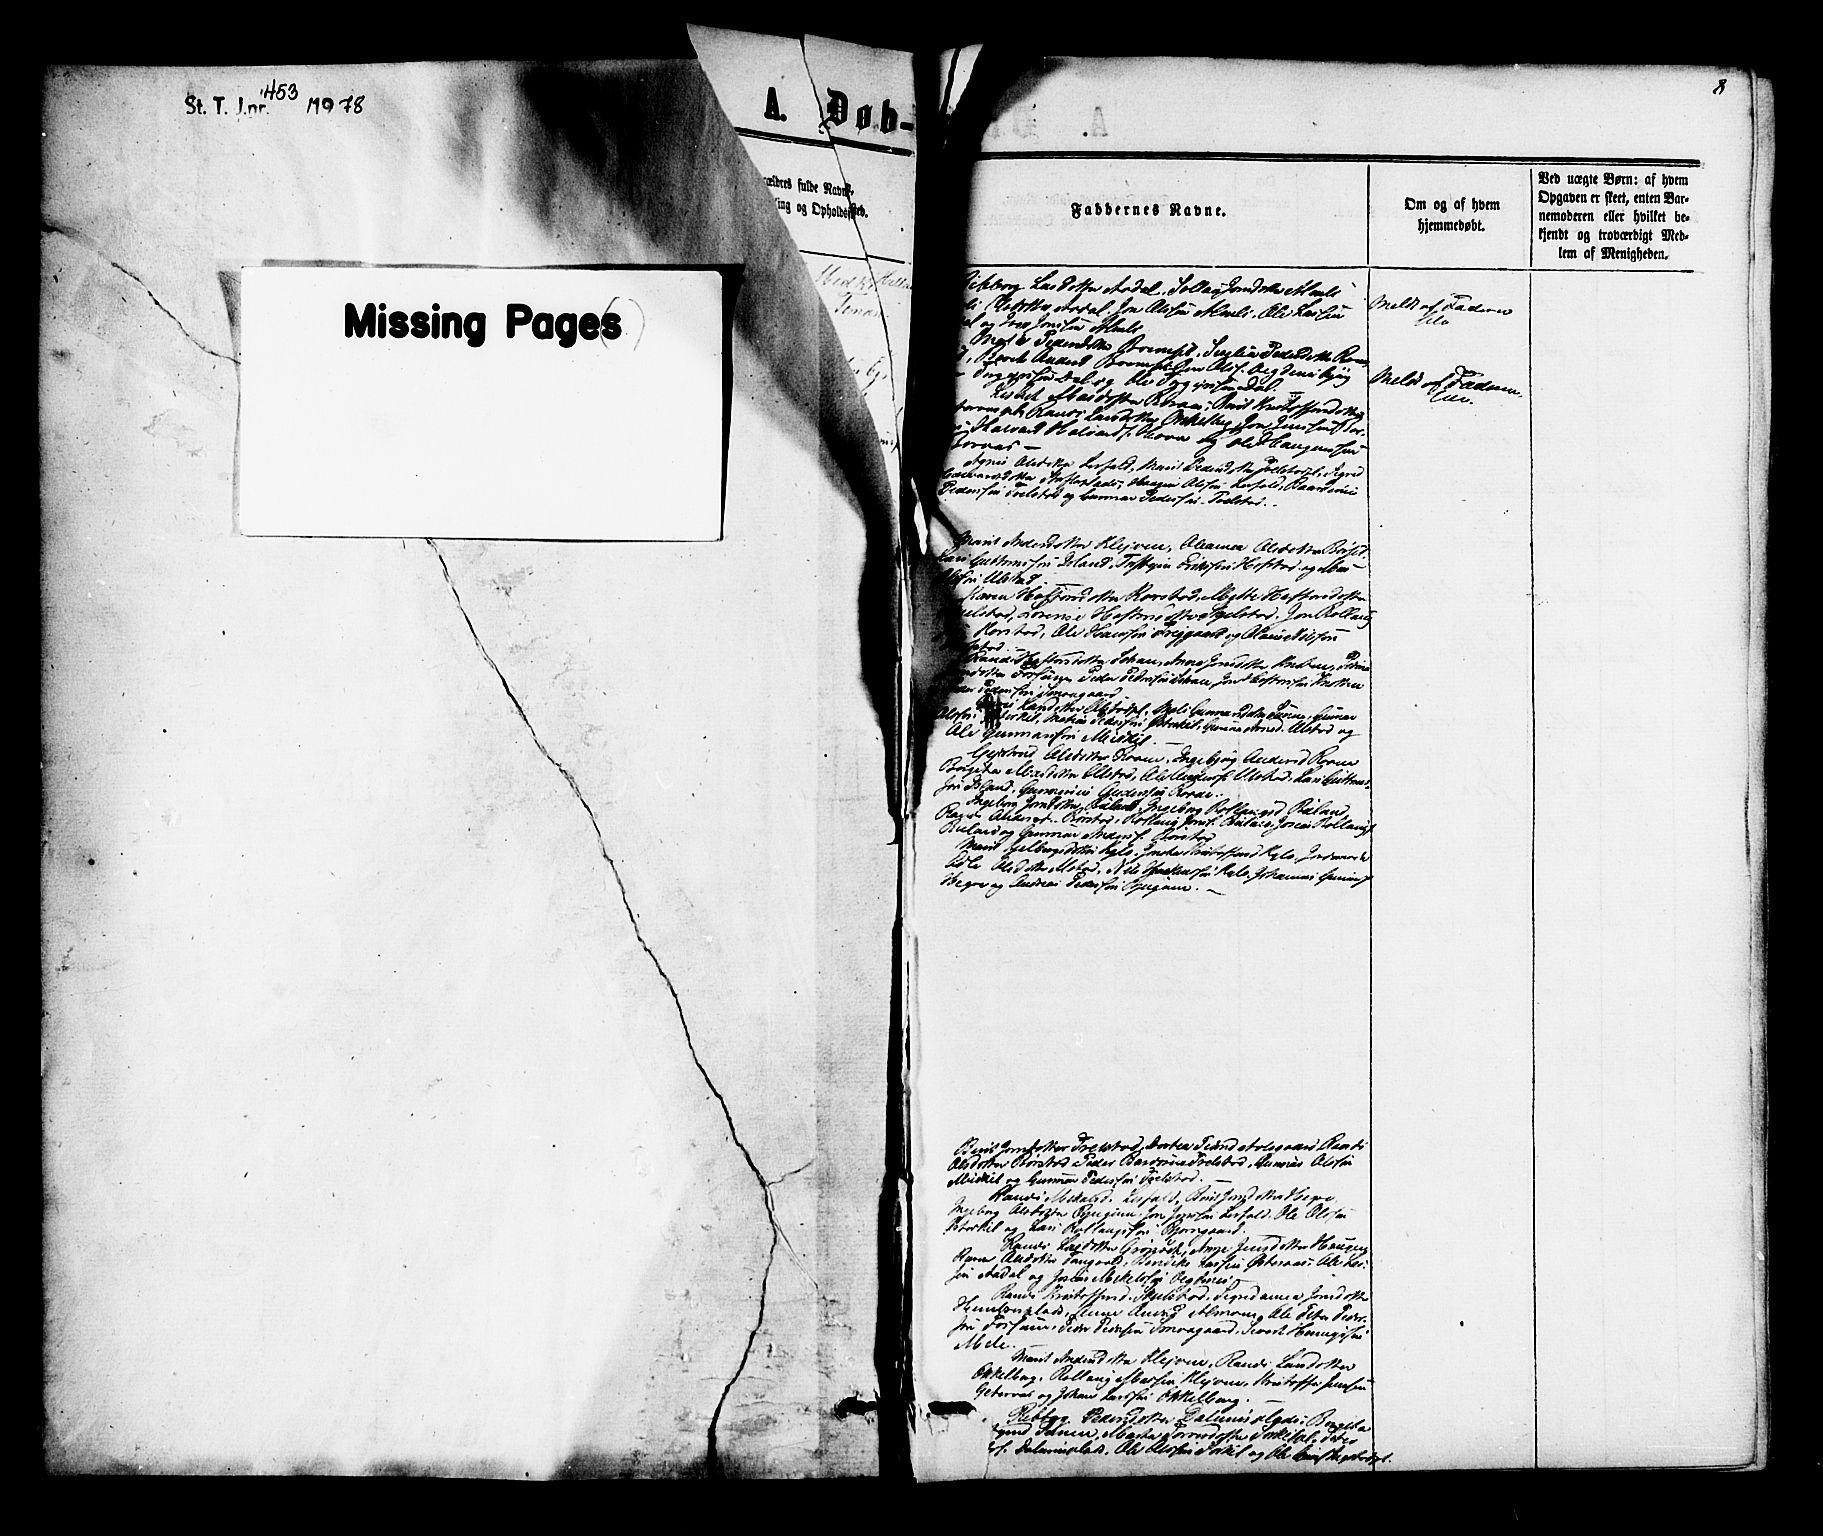 SAT, Ministerialprotokoller, klokkerbøker og fødselsregistre - Nord-Trøndelag, 703/L0038: Klokkerbok nr. 703C01, 1864-1870, s. 8